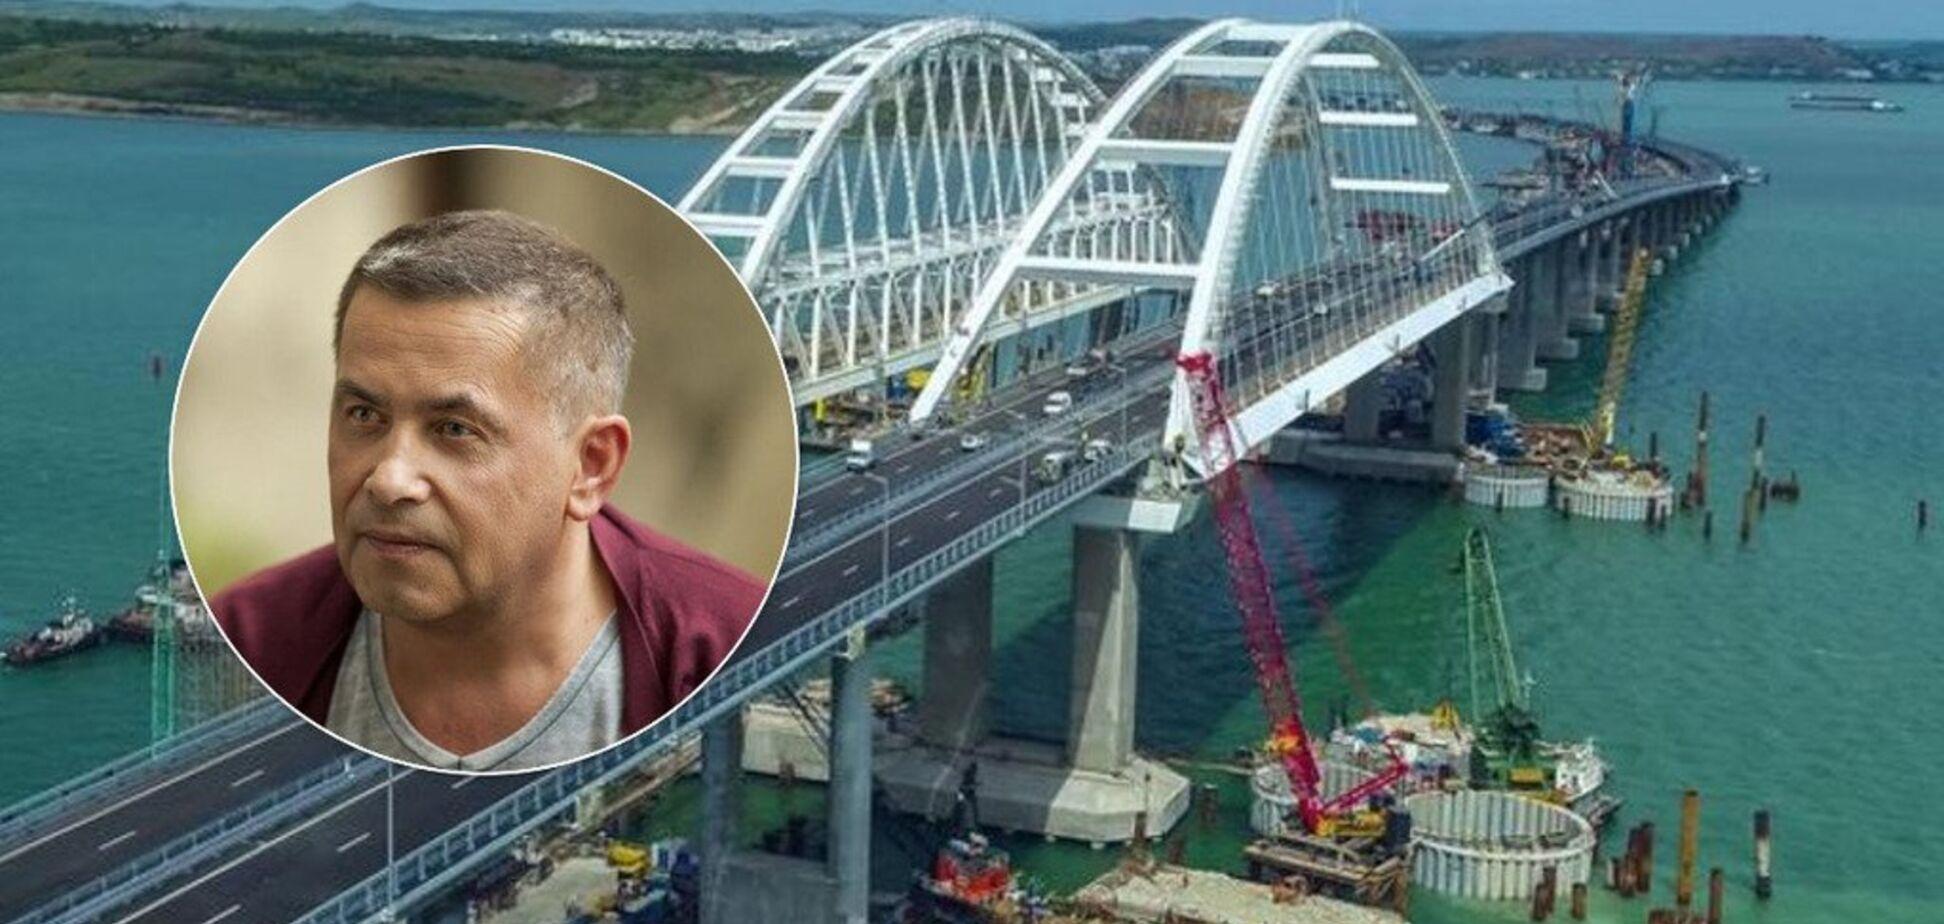 'Зневажаю!' Улюблений гурт Путіна розлютив мережу піснею про Кримський міст